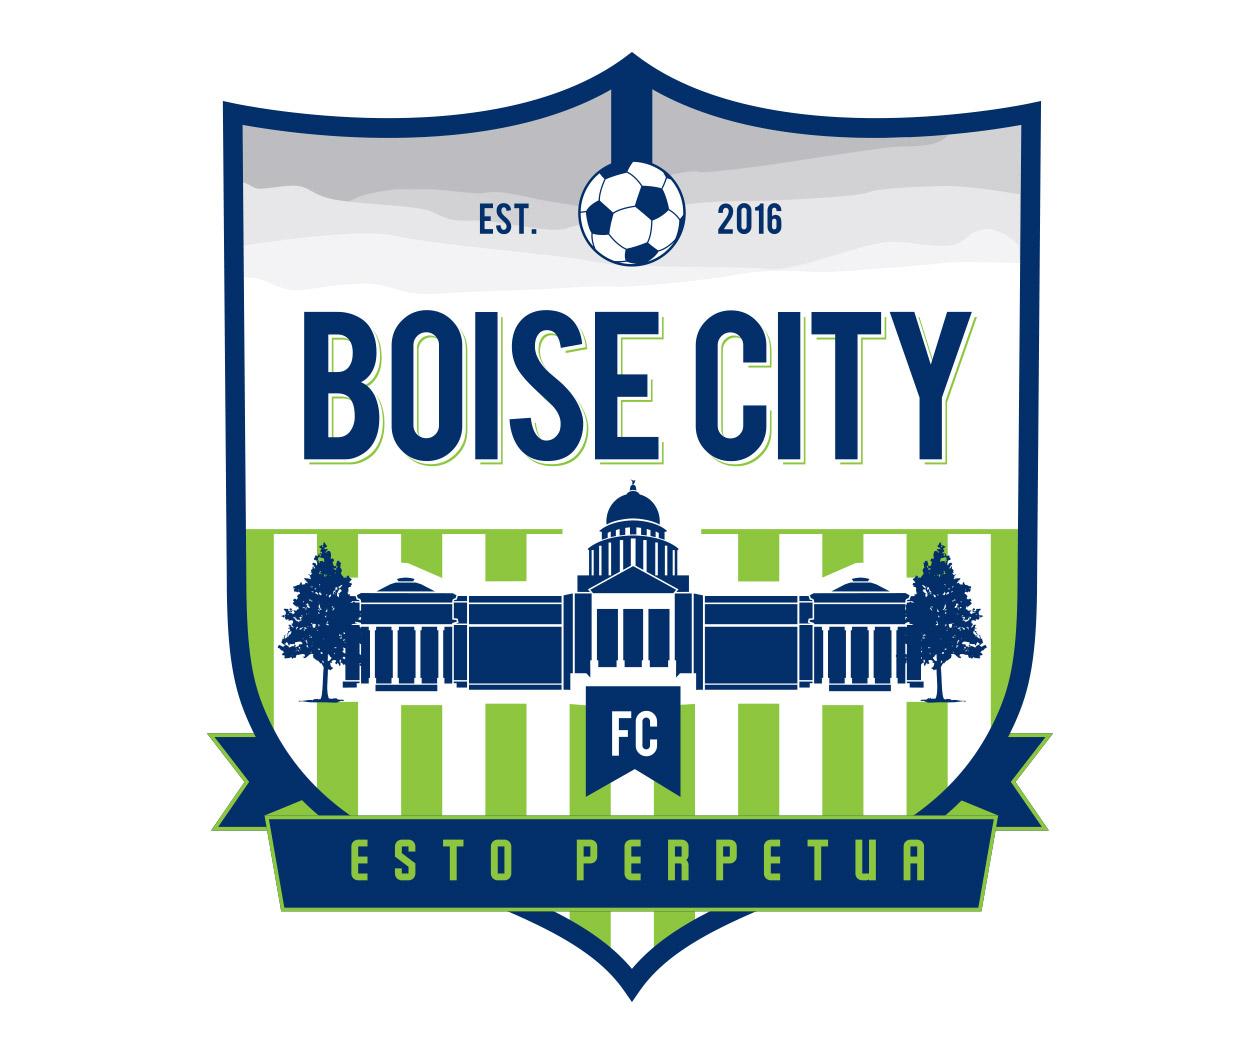 testimonial-for-the-custom-sports-logo-design-for-boise-city-soccer-by-jordan-fretz.jpg